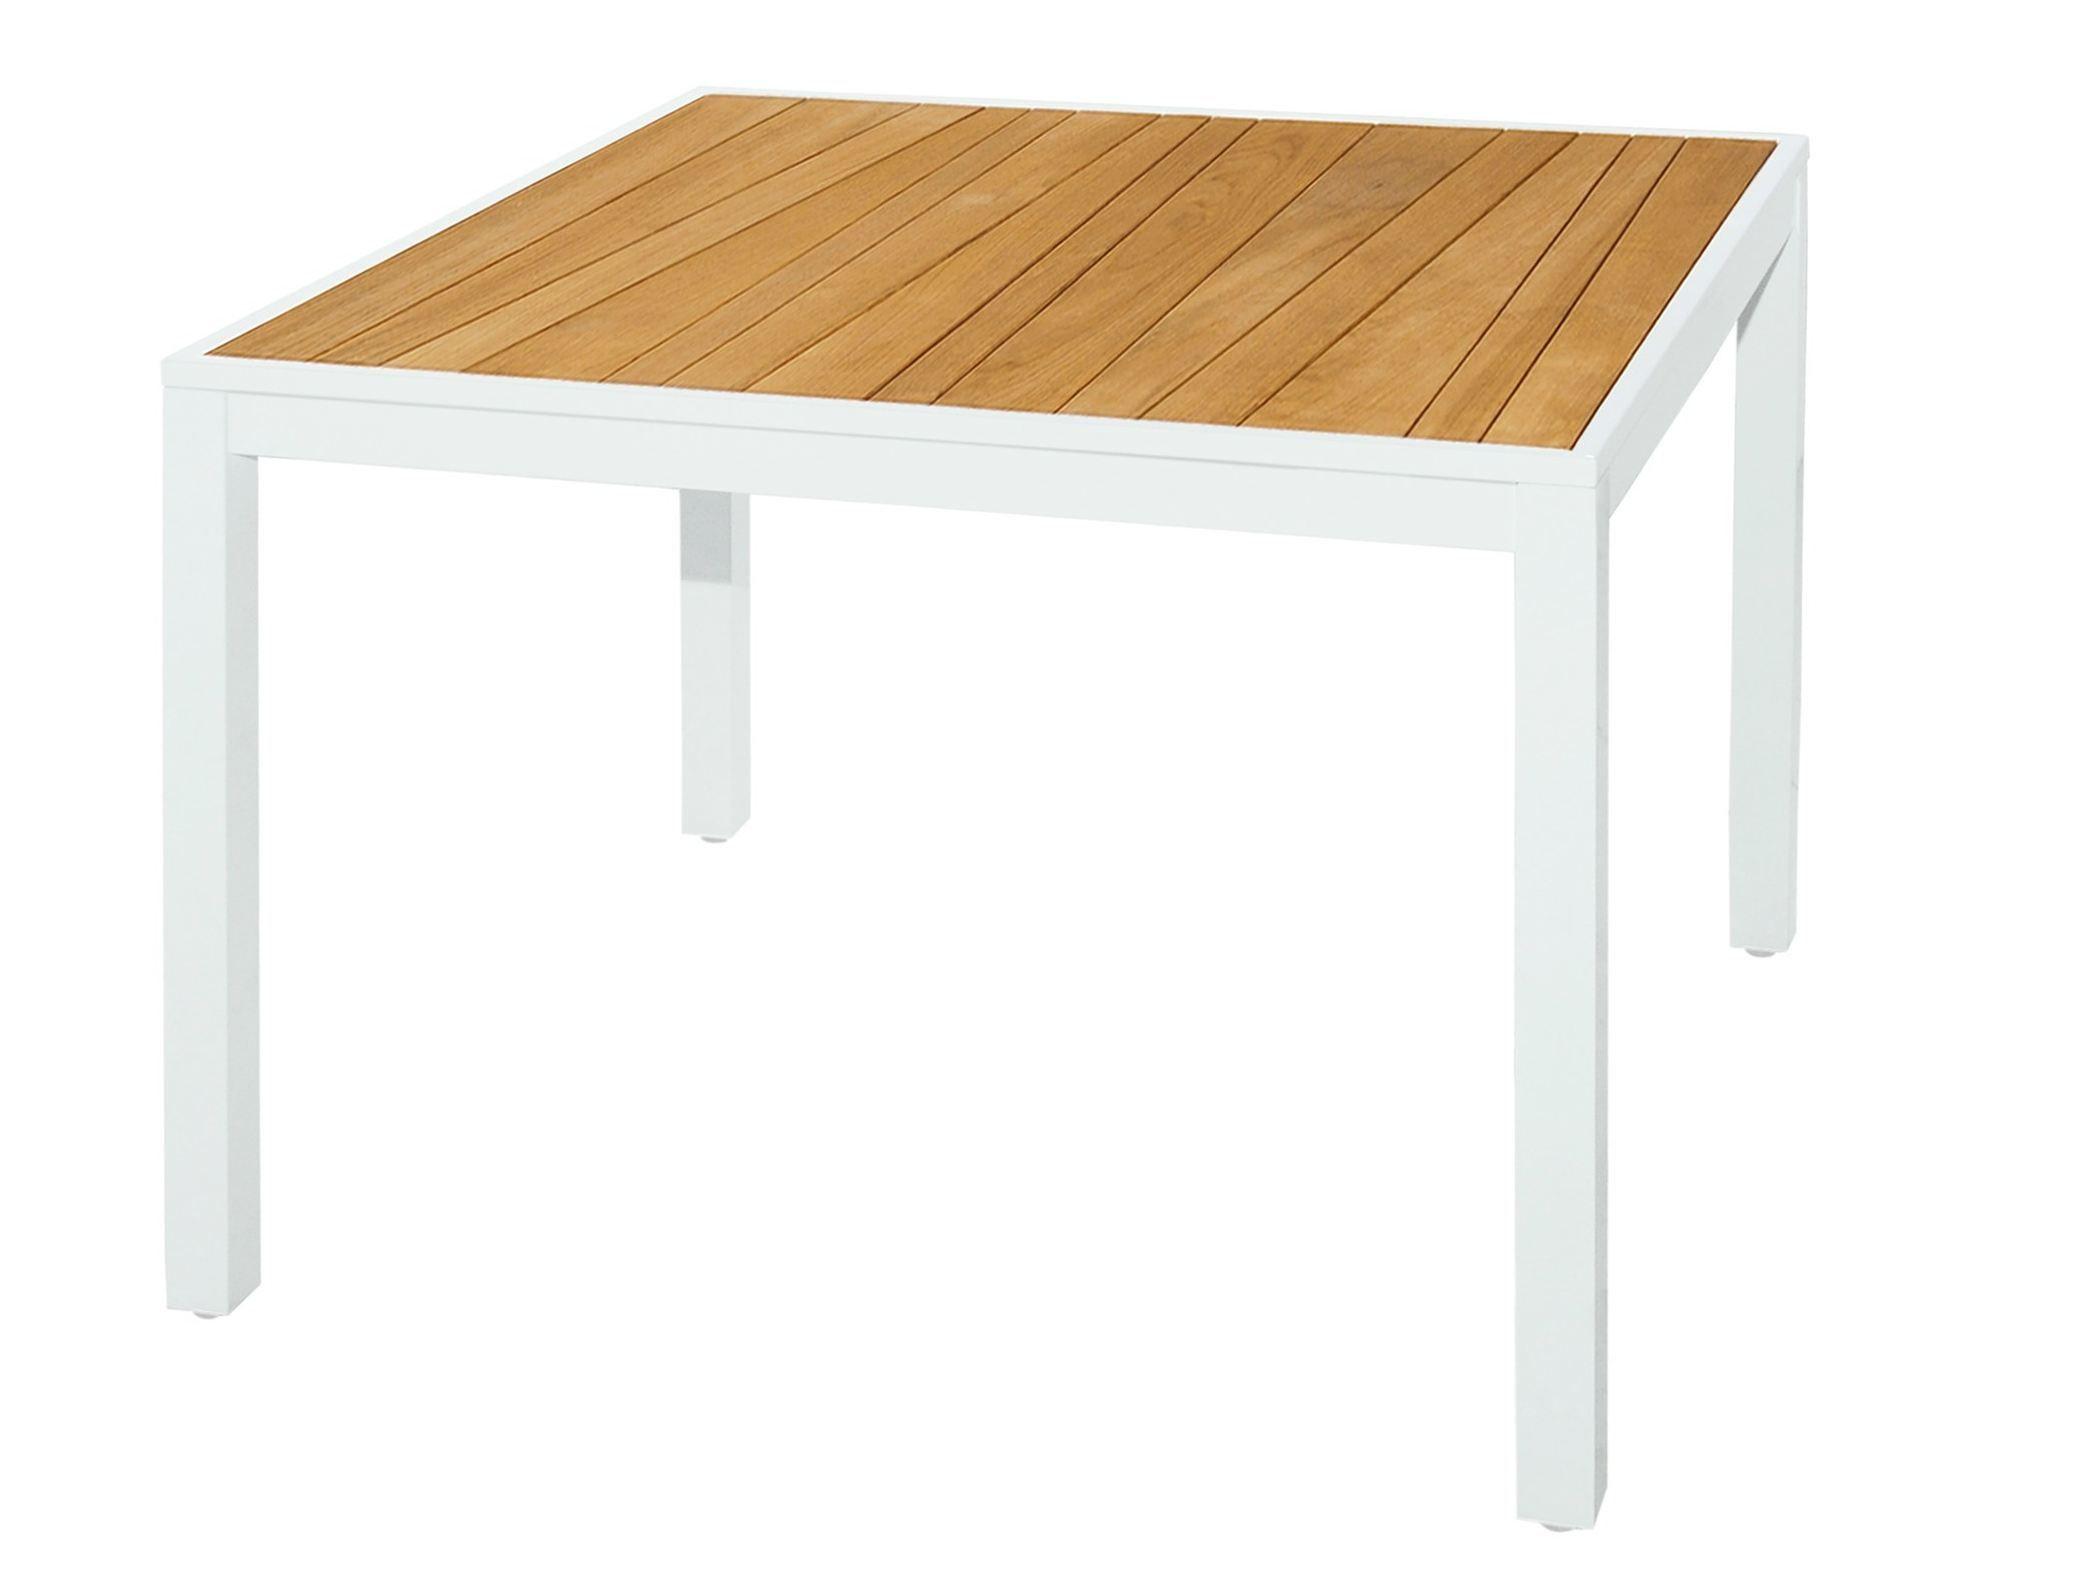 Tavolo da giardino quadrato in alluminio e legno allux tavolo da pranzo 100x100 cm by mamagreen - Tavolo quadrato 100x100 allungabile ...